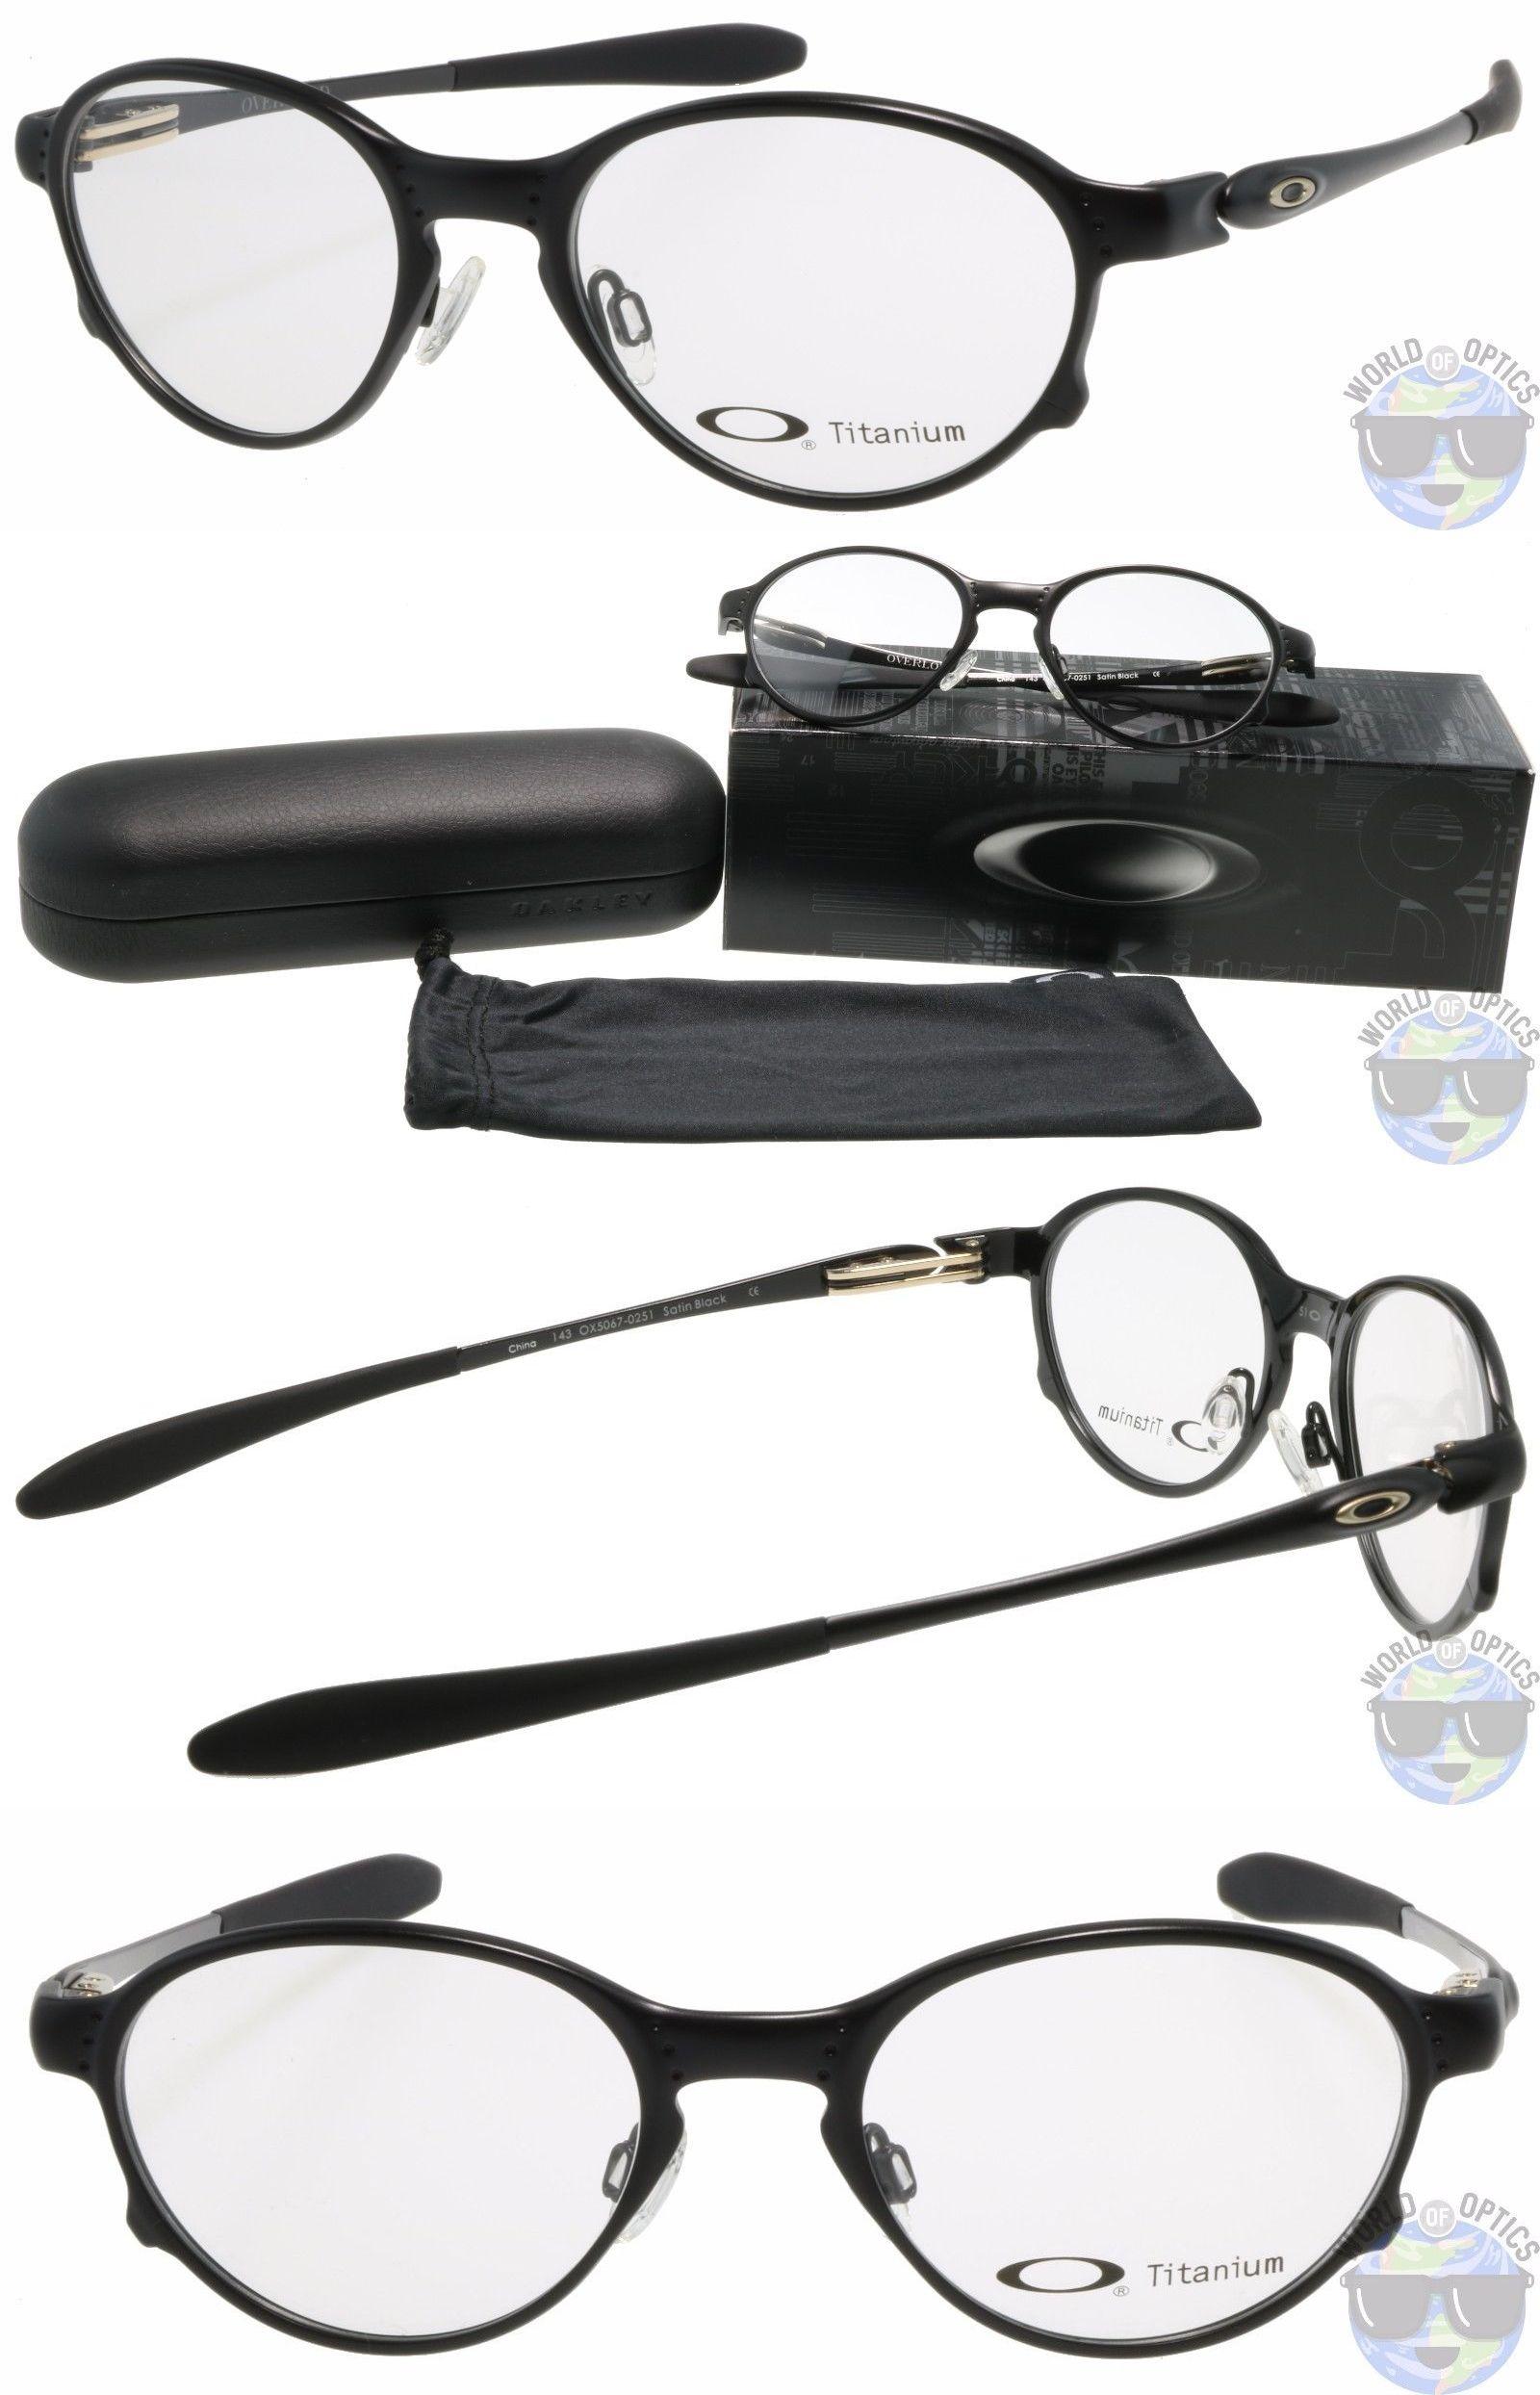 eac0eddaab Eyeglass Frames  Oakley Rx Eyeglasses Frames Ox5067-0251